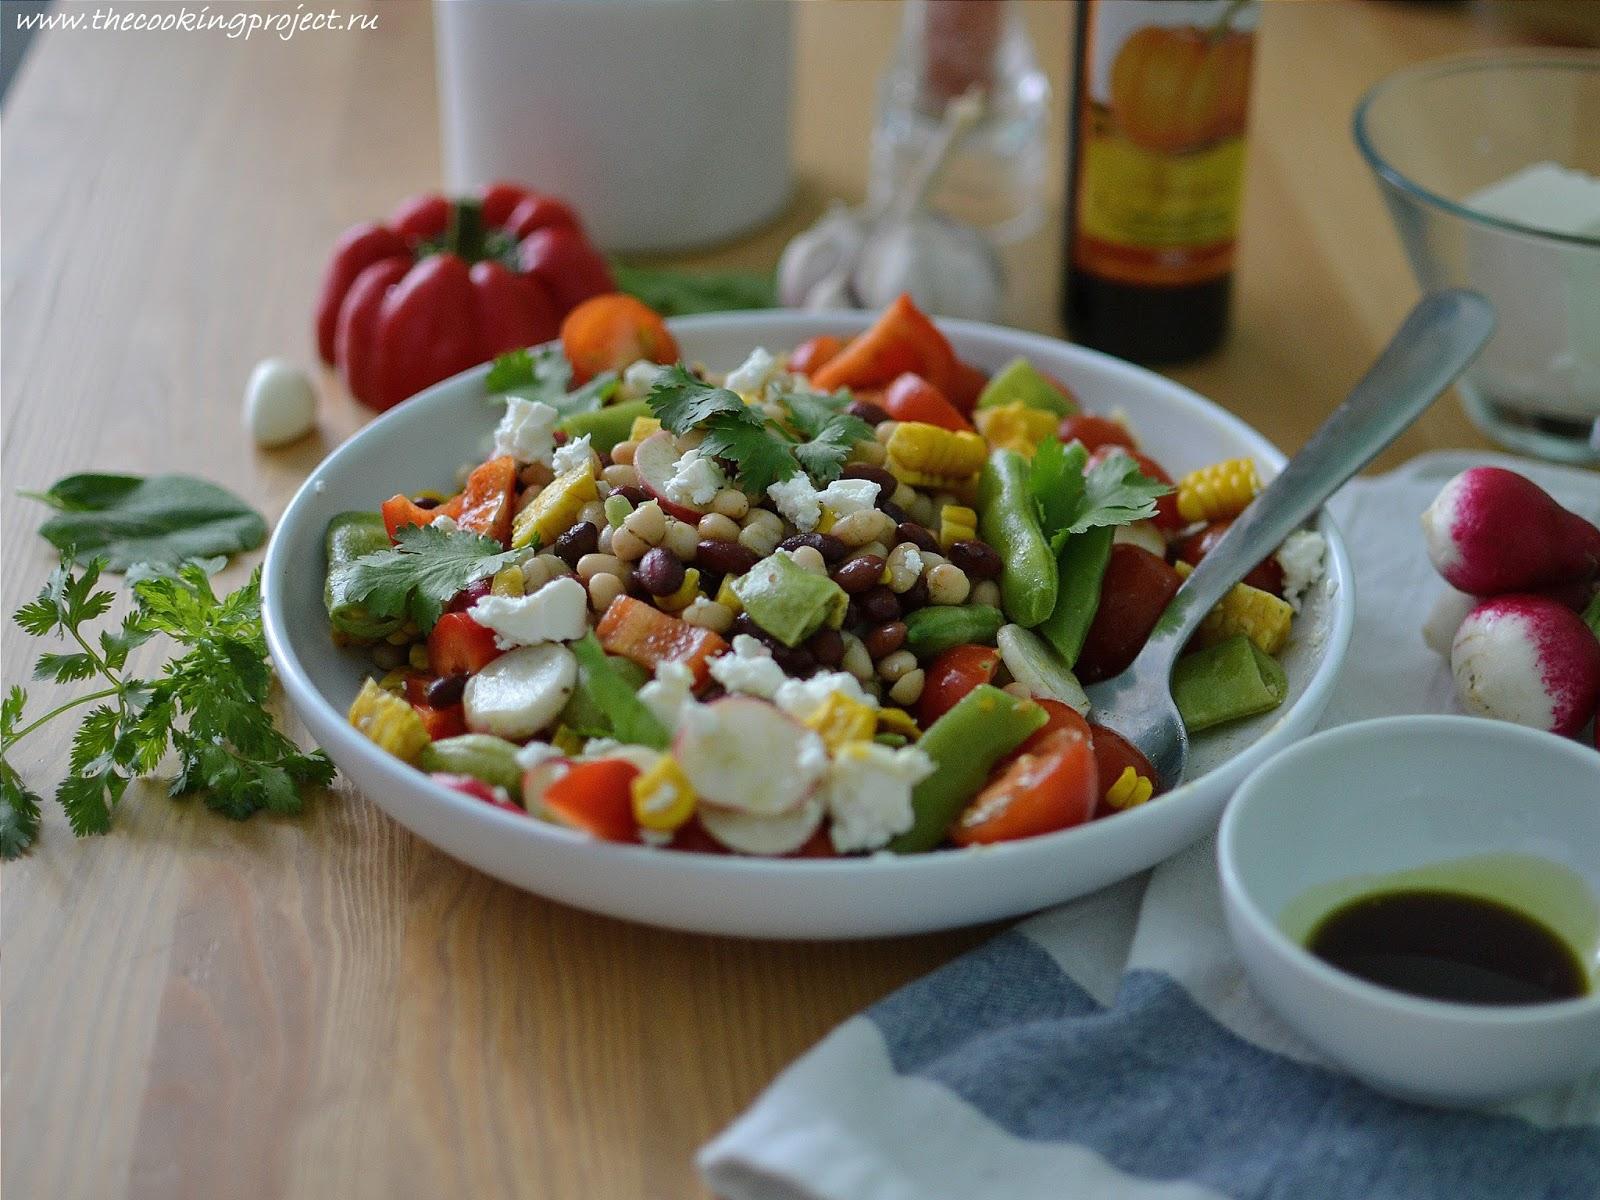 Салат из бобов и овощей